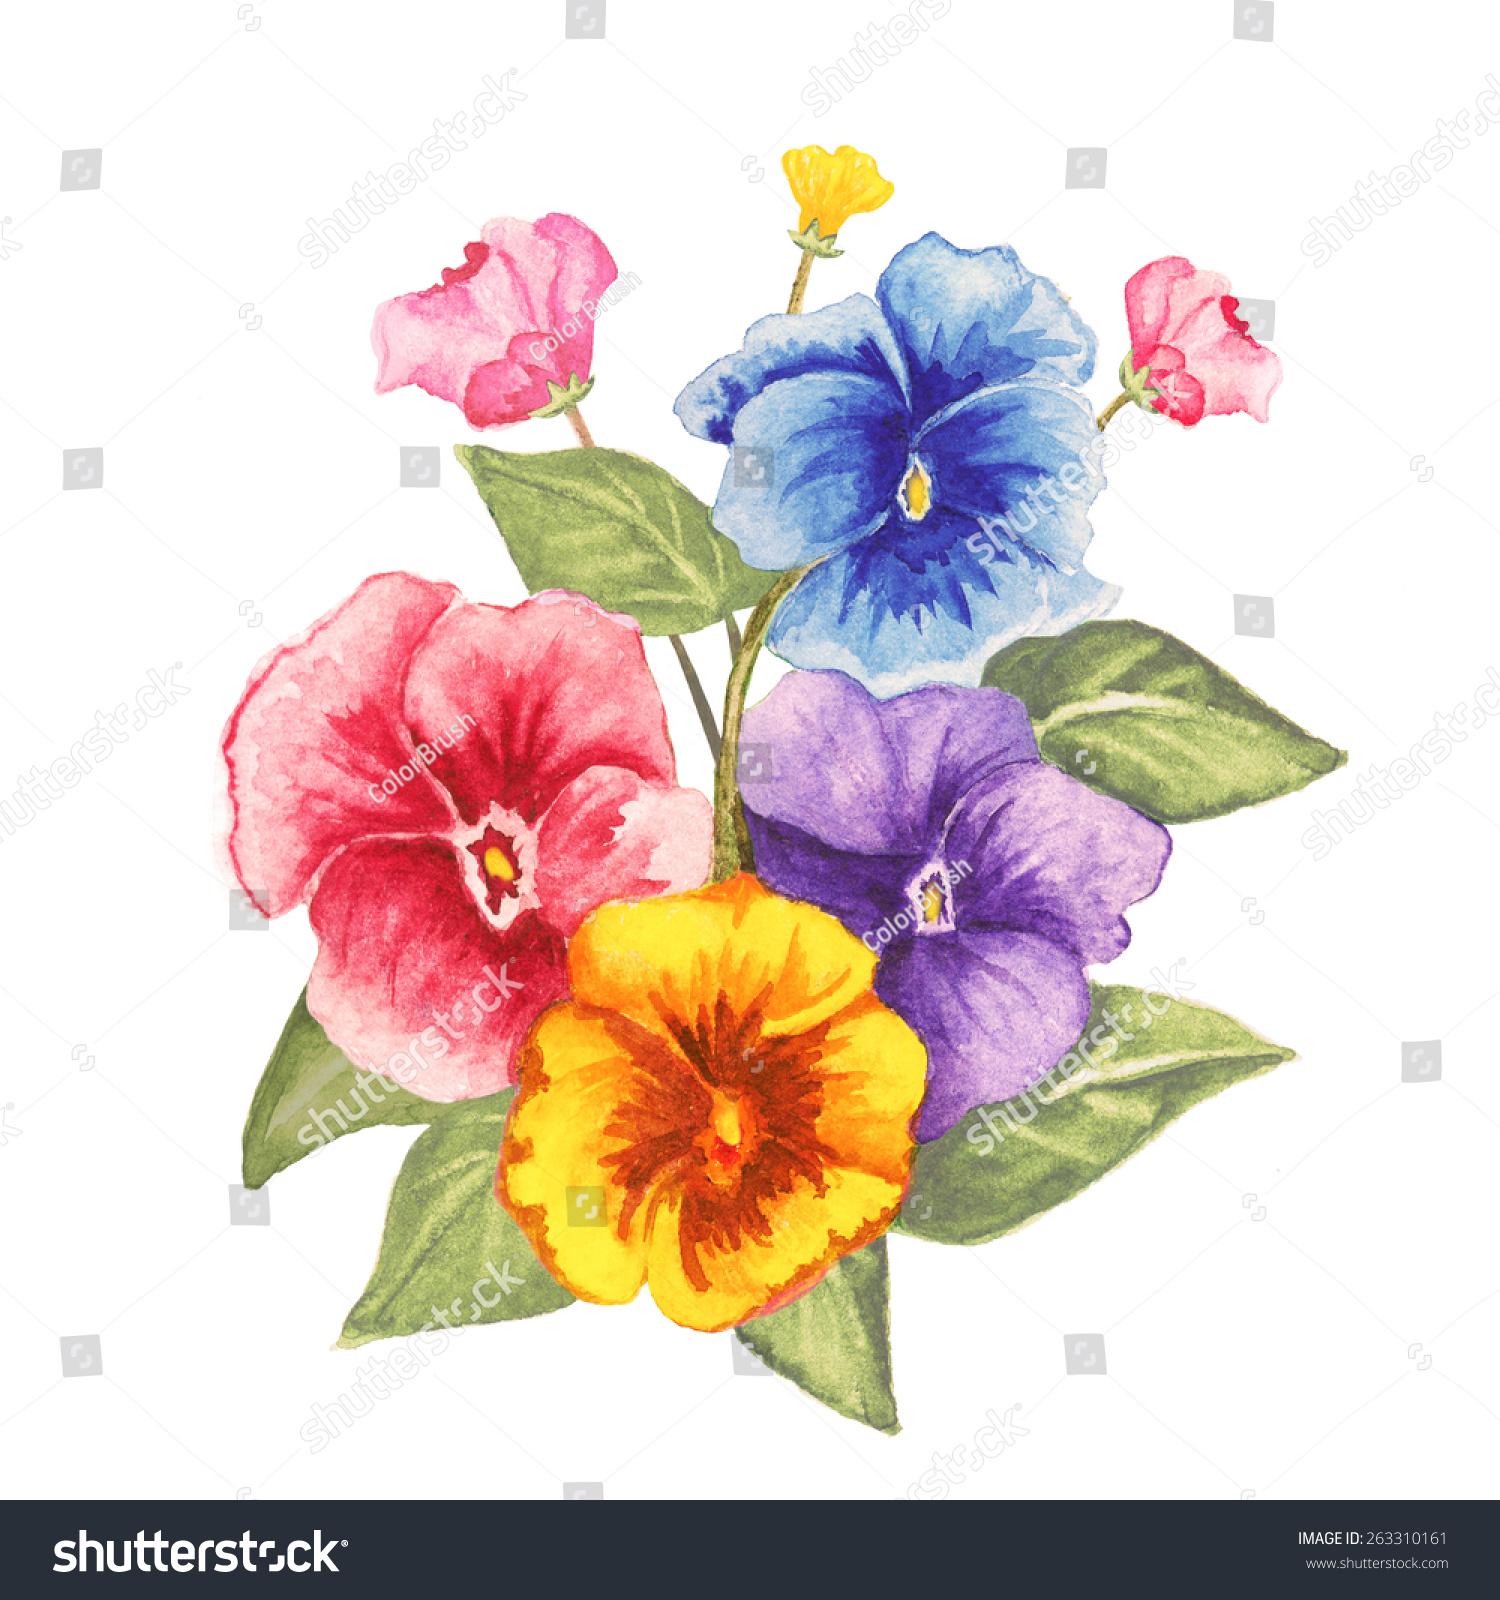 水彩三色紫罗兰花束,花蕾,绿叶特写孤立在白色背景.手